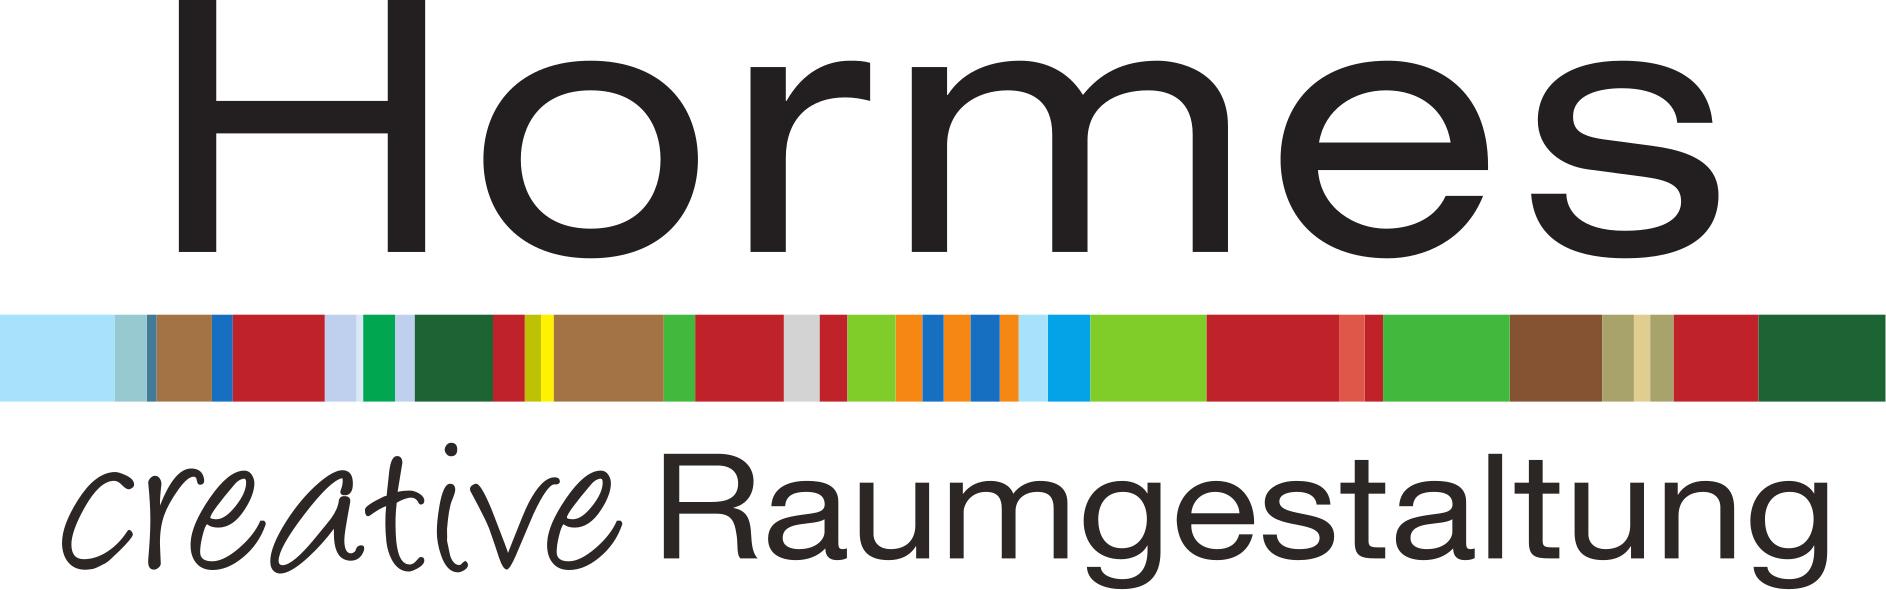 Raumgestaltung logo  Bewertungen zu Hormes creative Raumgestaltung in Feucht